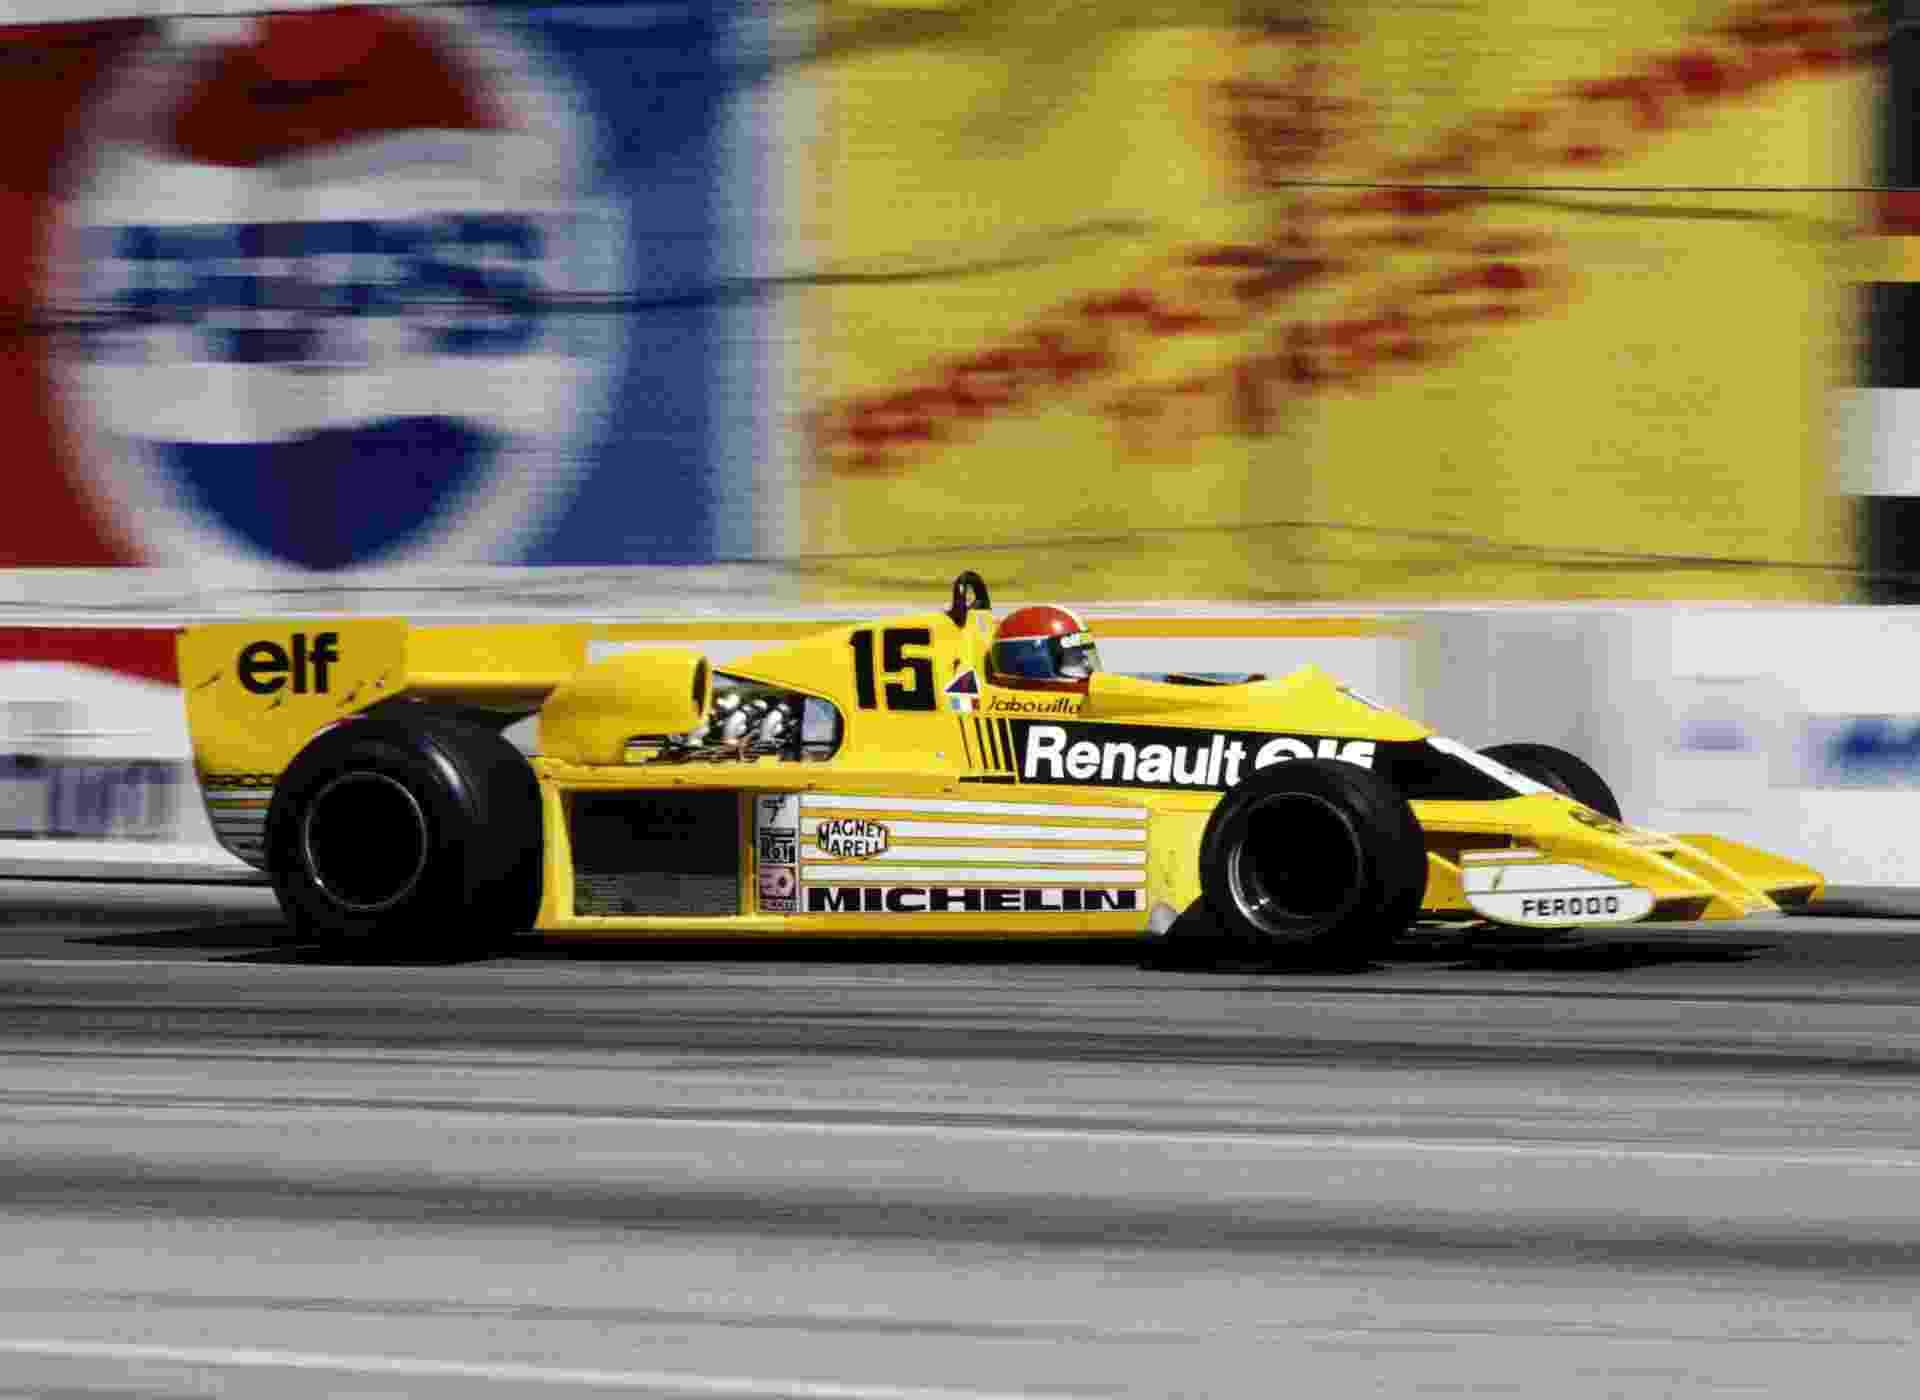 Jean-Pierre Jabouille no GP dos EUA de 78 com a Renault - Allsports/Getty Images